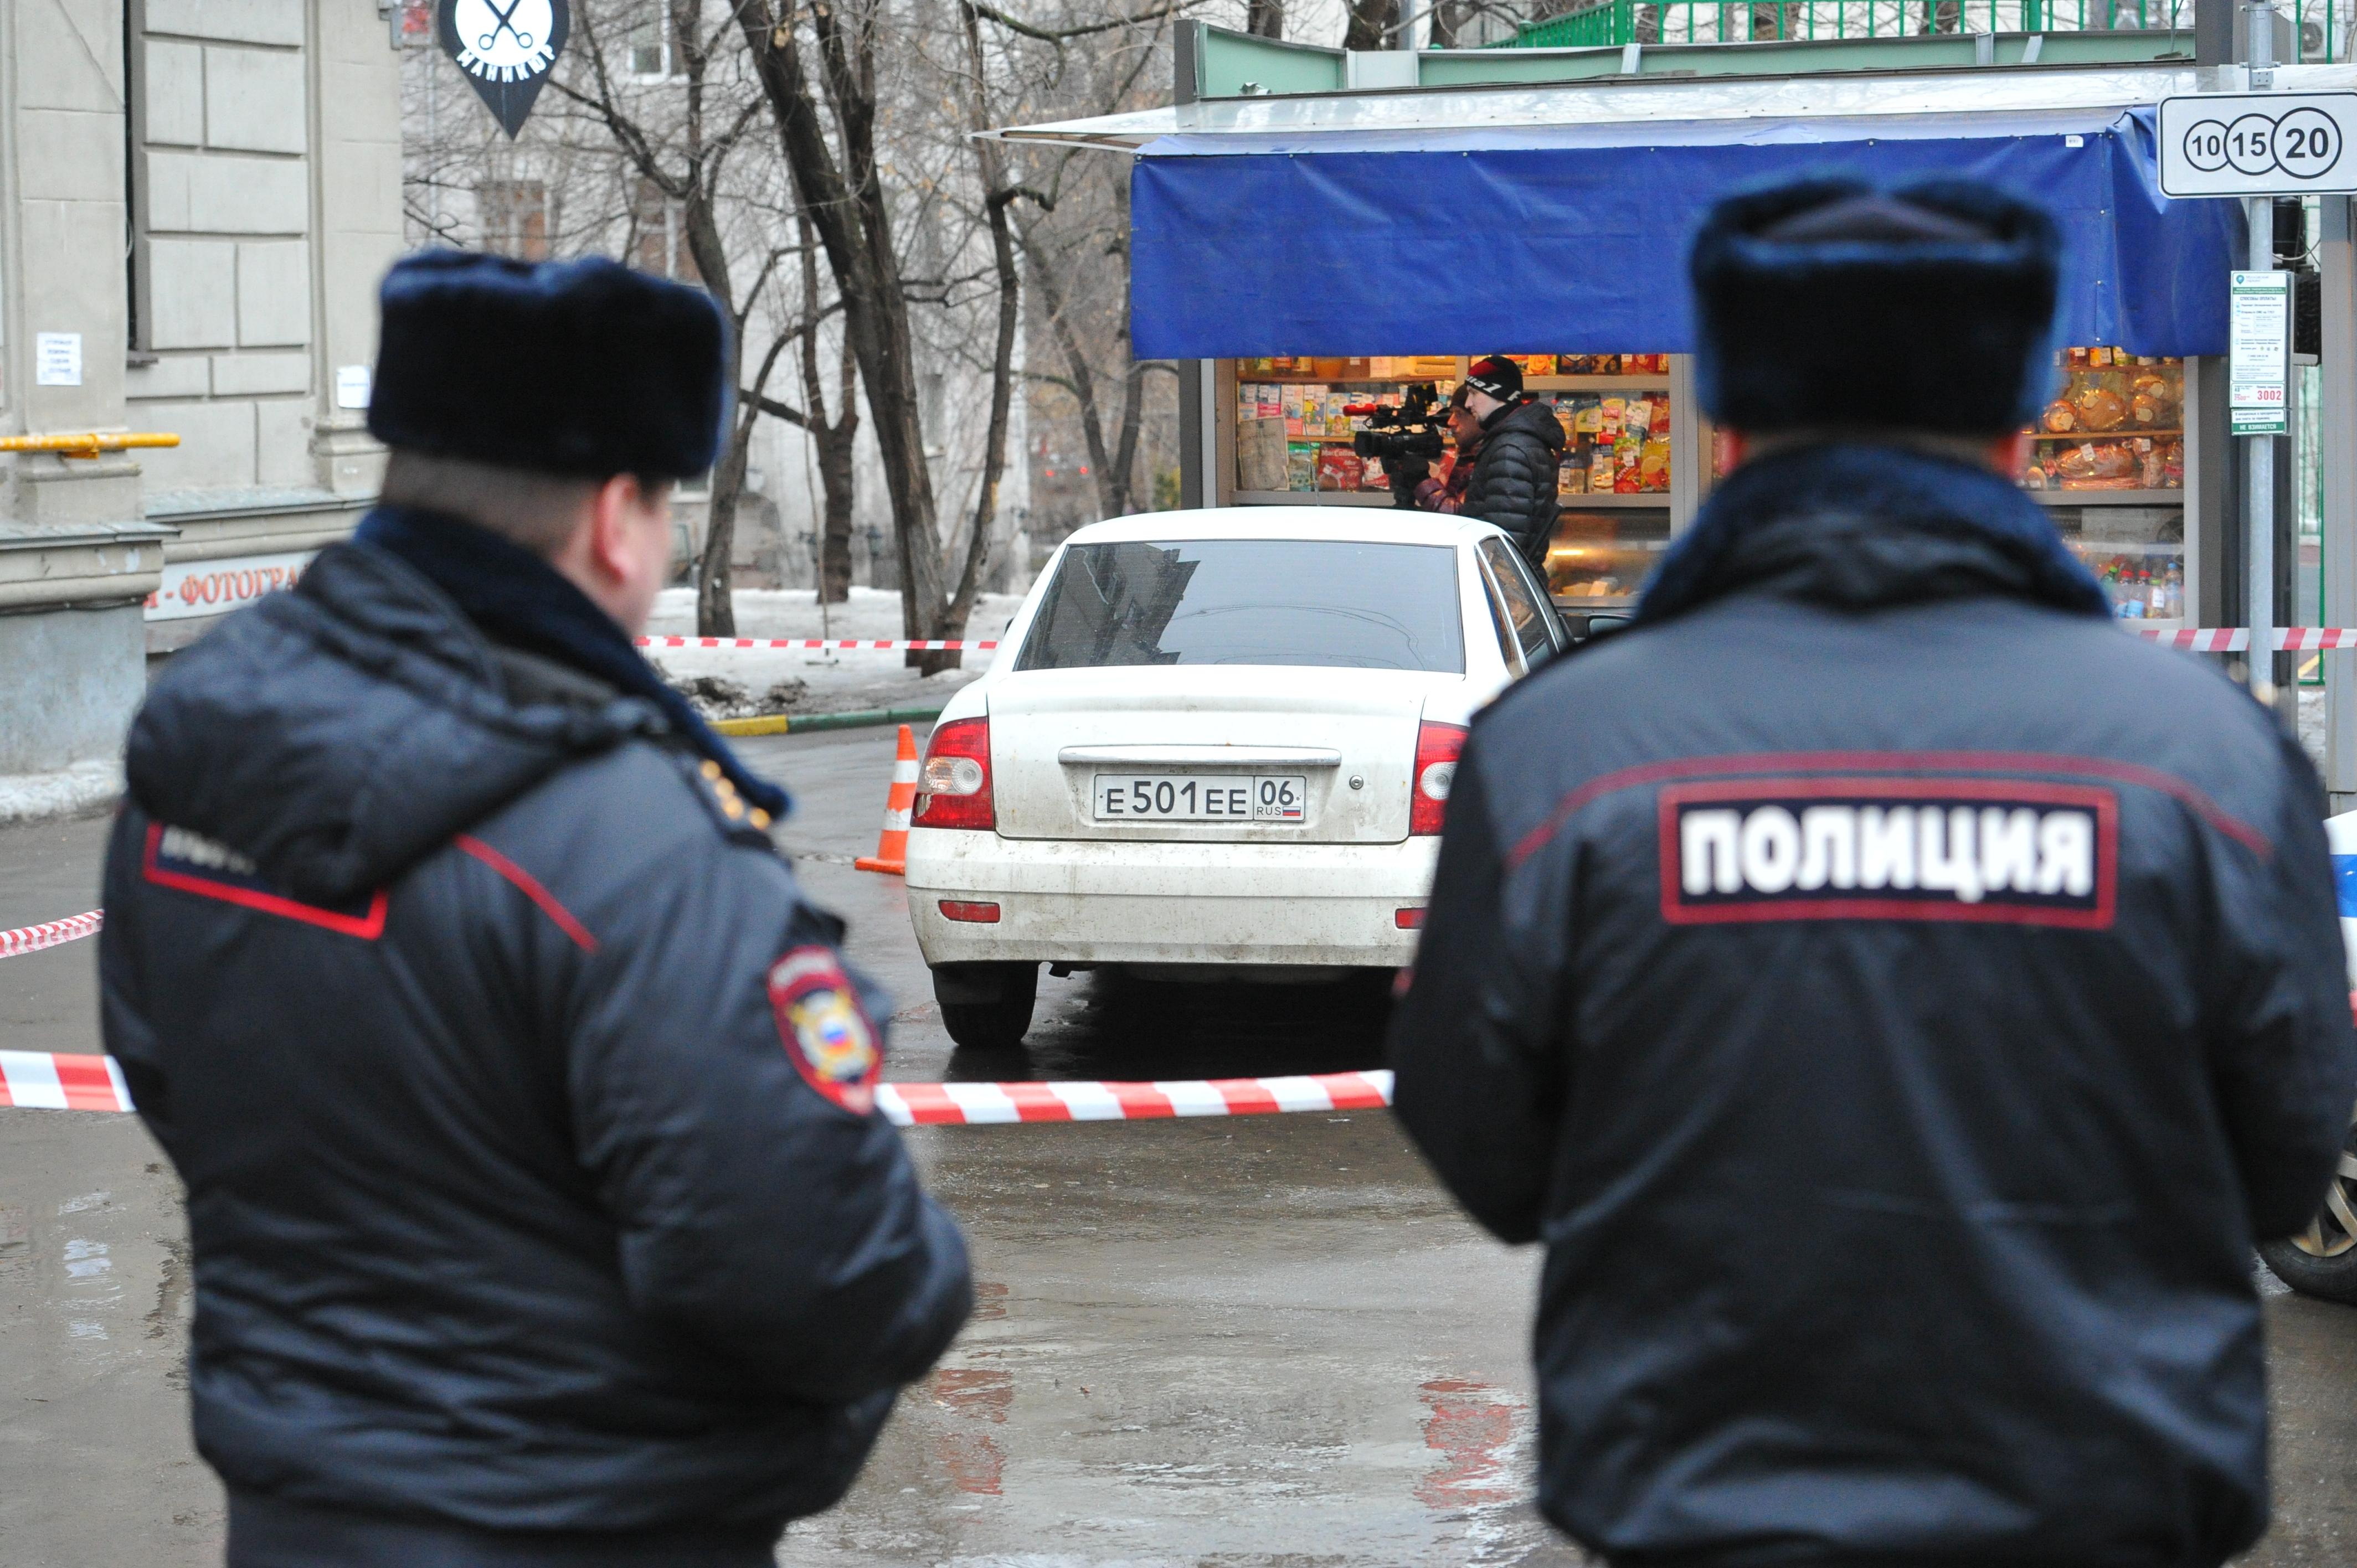 ВПетербурге неизвестные избили мужчину иугнали его авто— МВД